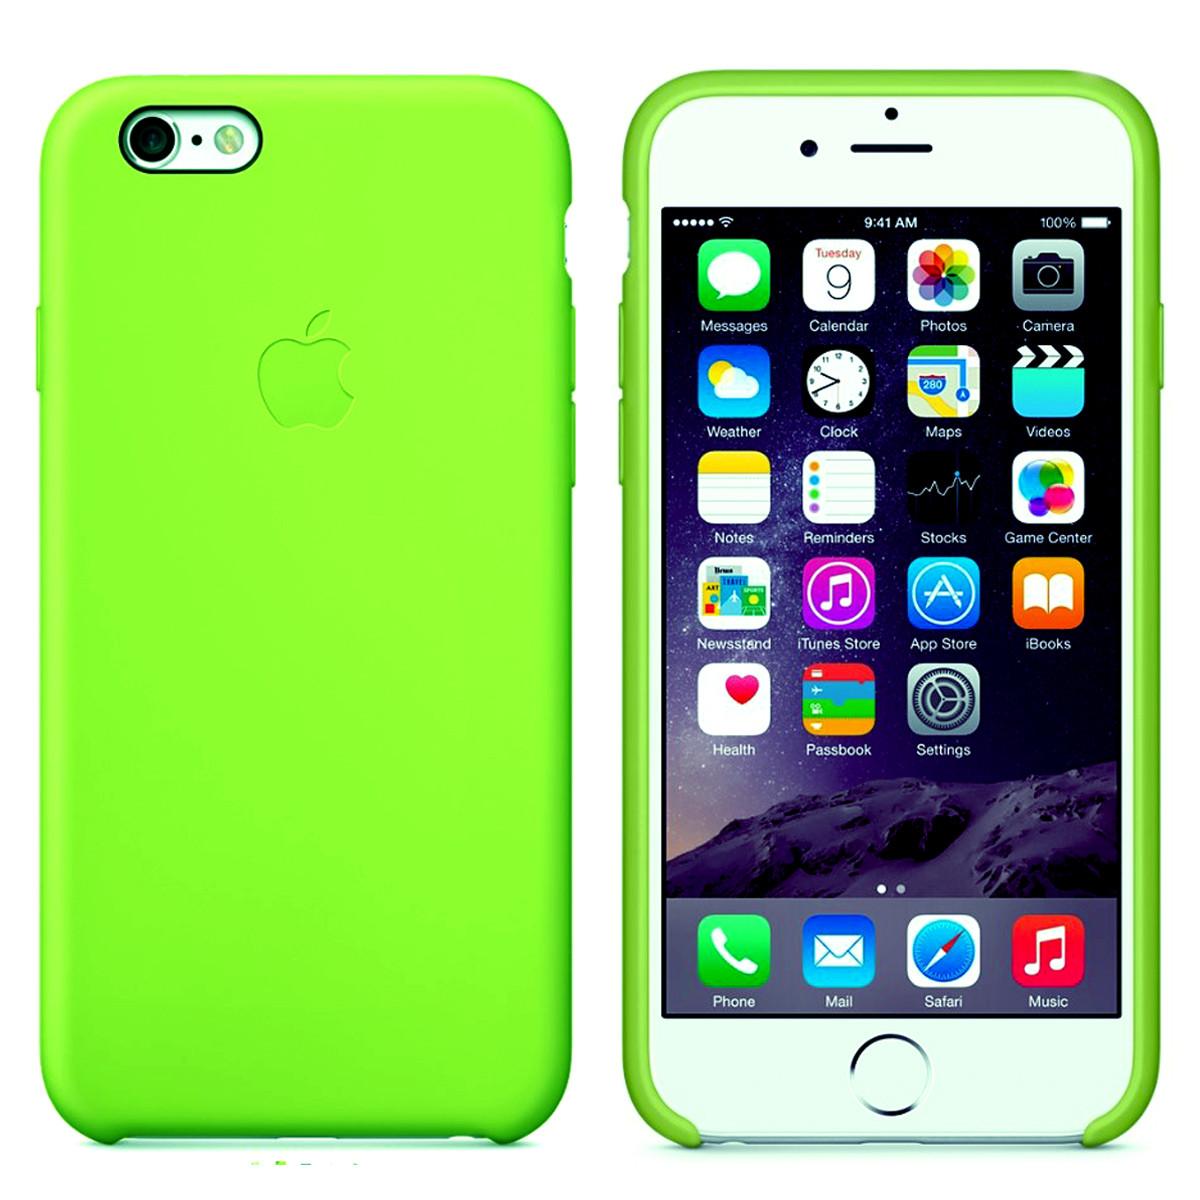 Силиконовый чехол для Apple iPhone 6 / 6S (4.7 Дюйма) Silicone case (Неоновый)